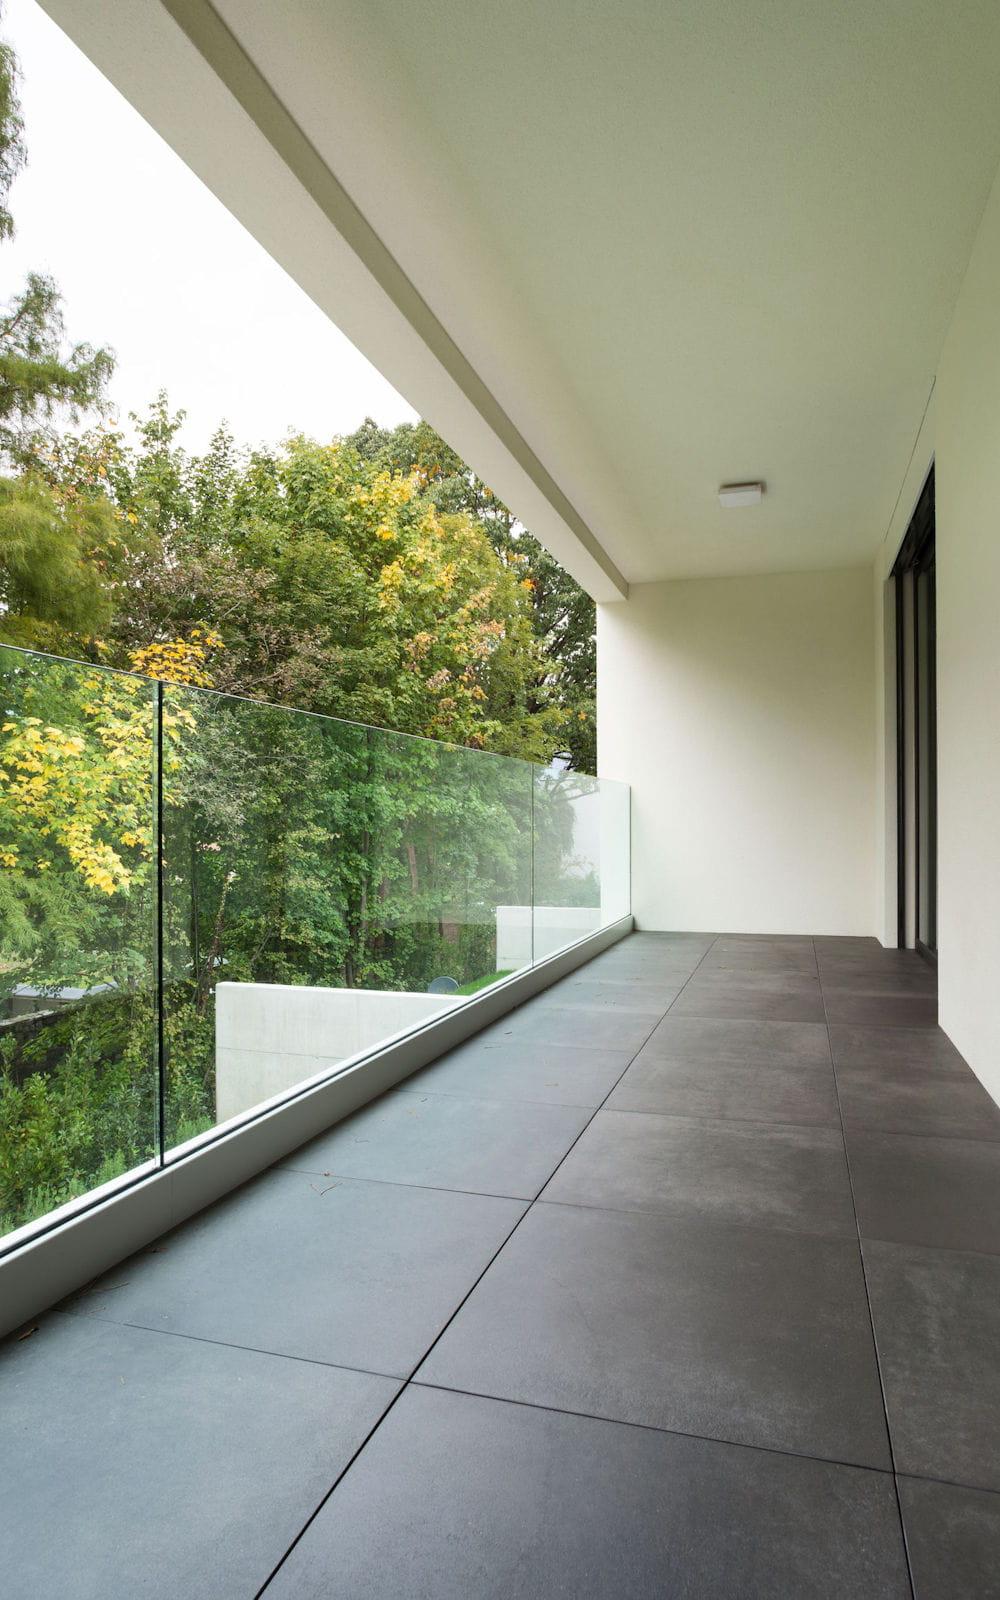 Bicarbonate De Soude Pour Terrasse nettoyer le sol d'une terrasse en béton